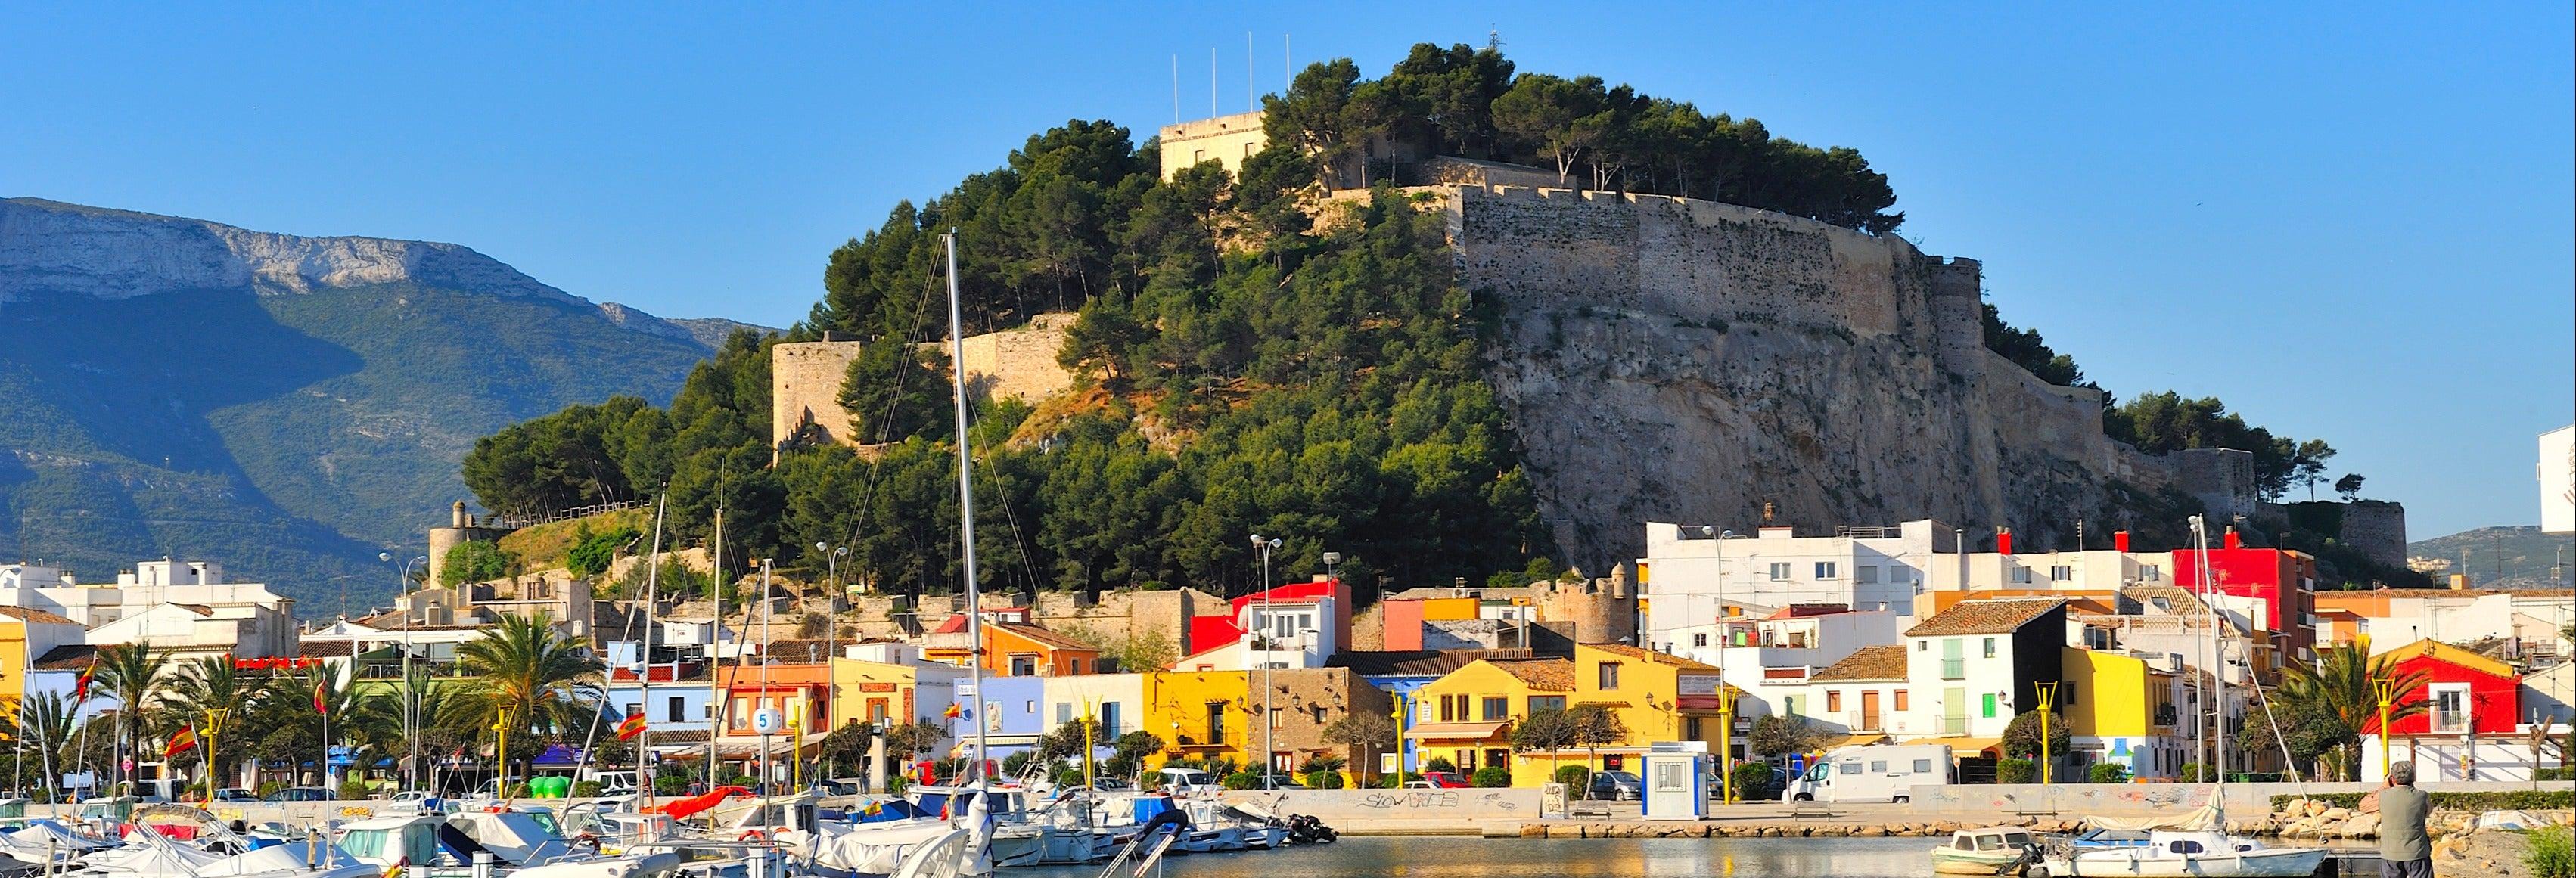 Denia Catamaran Tour